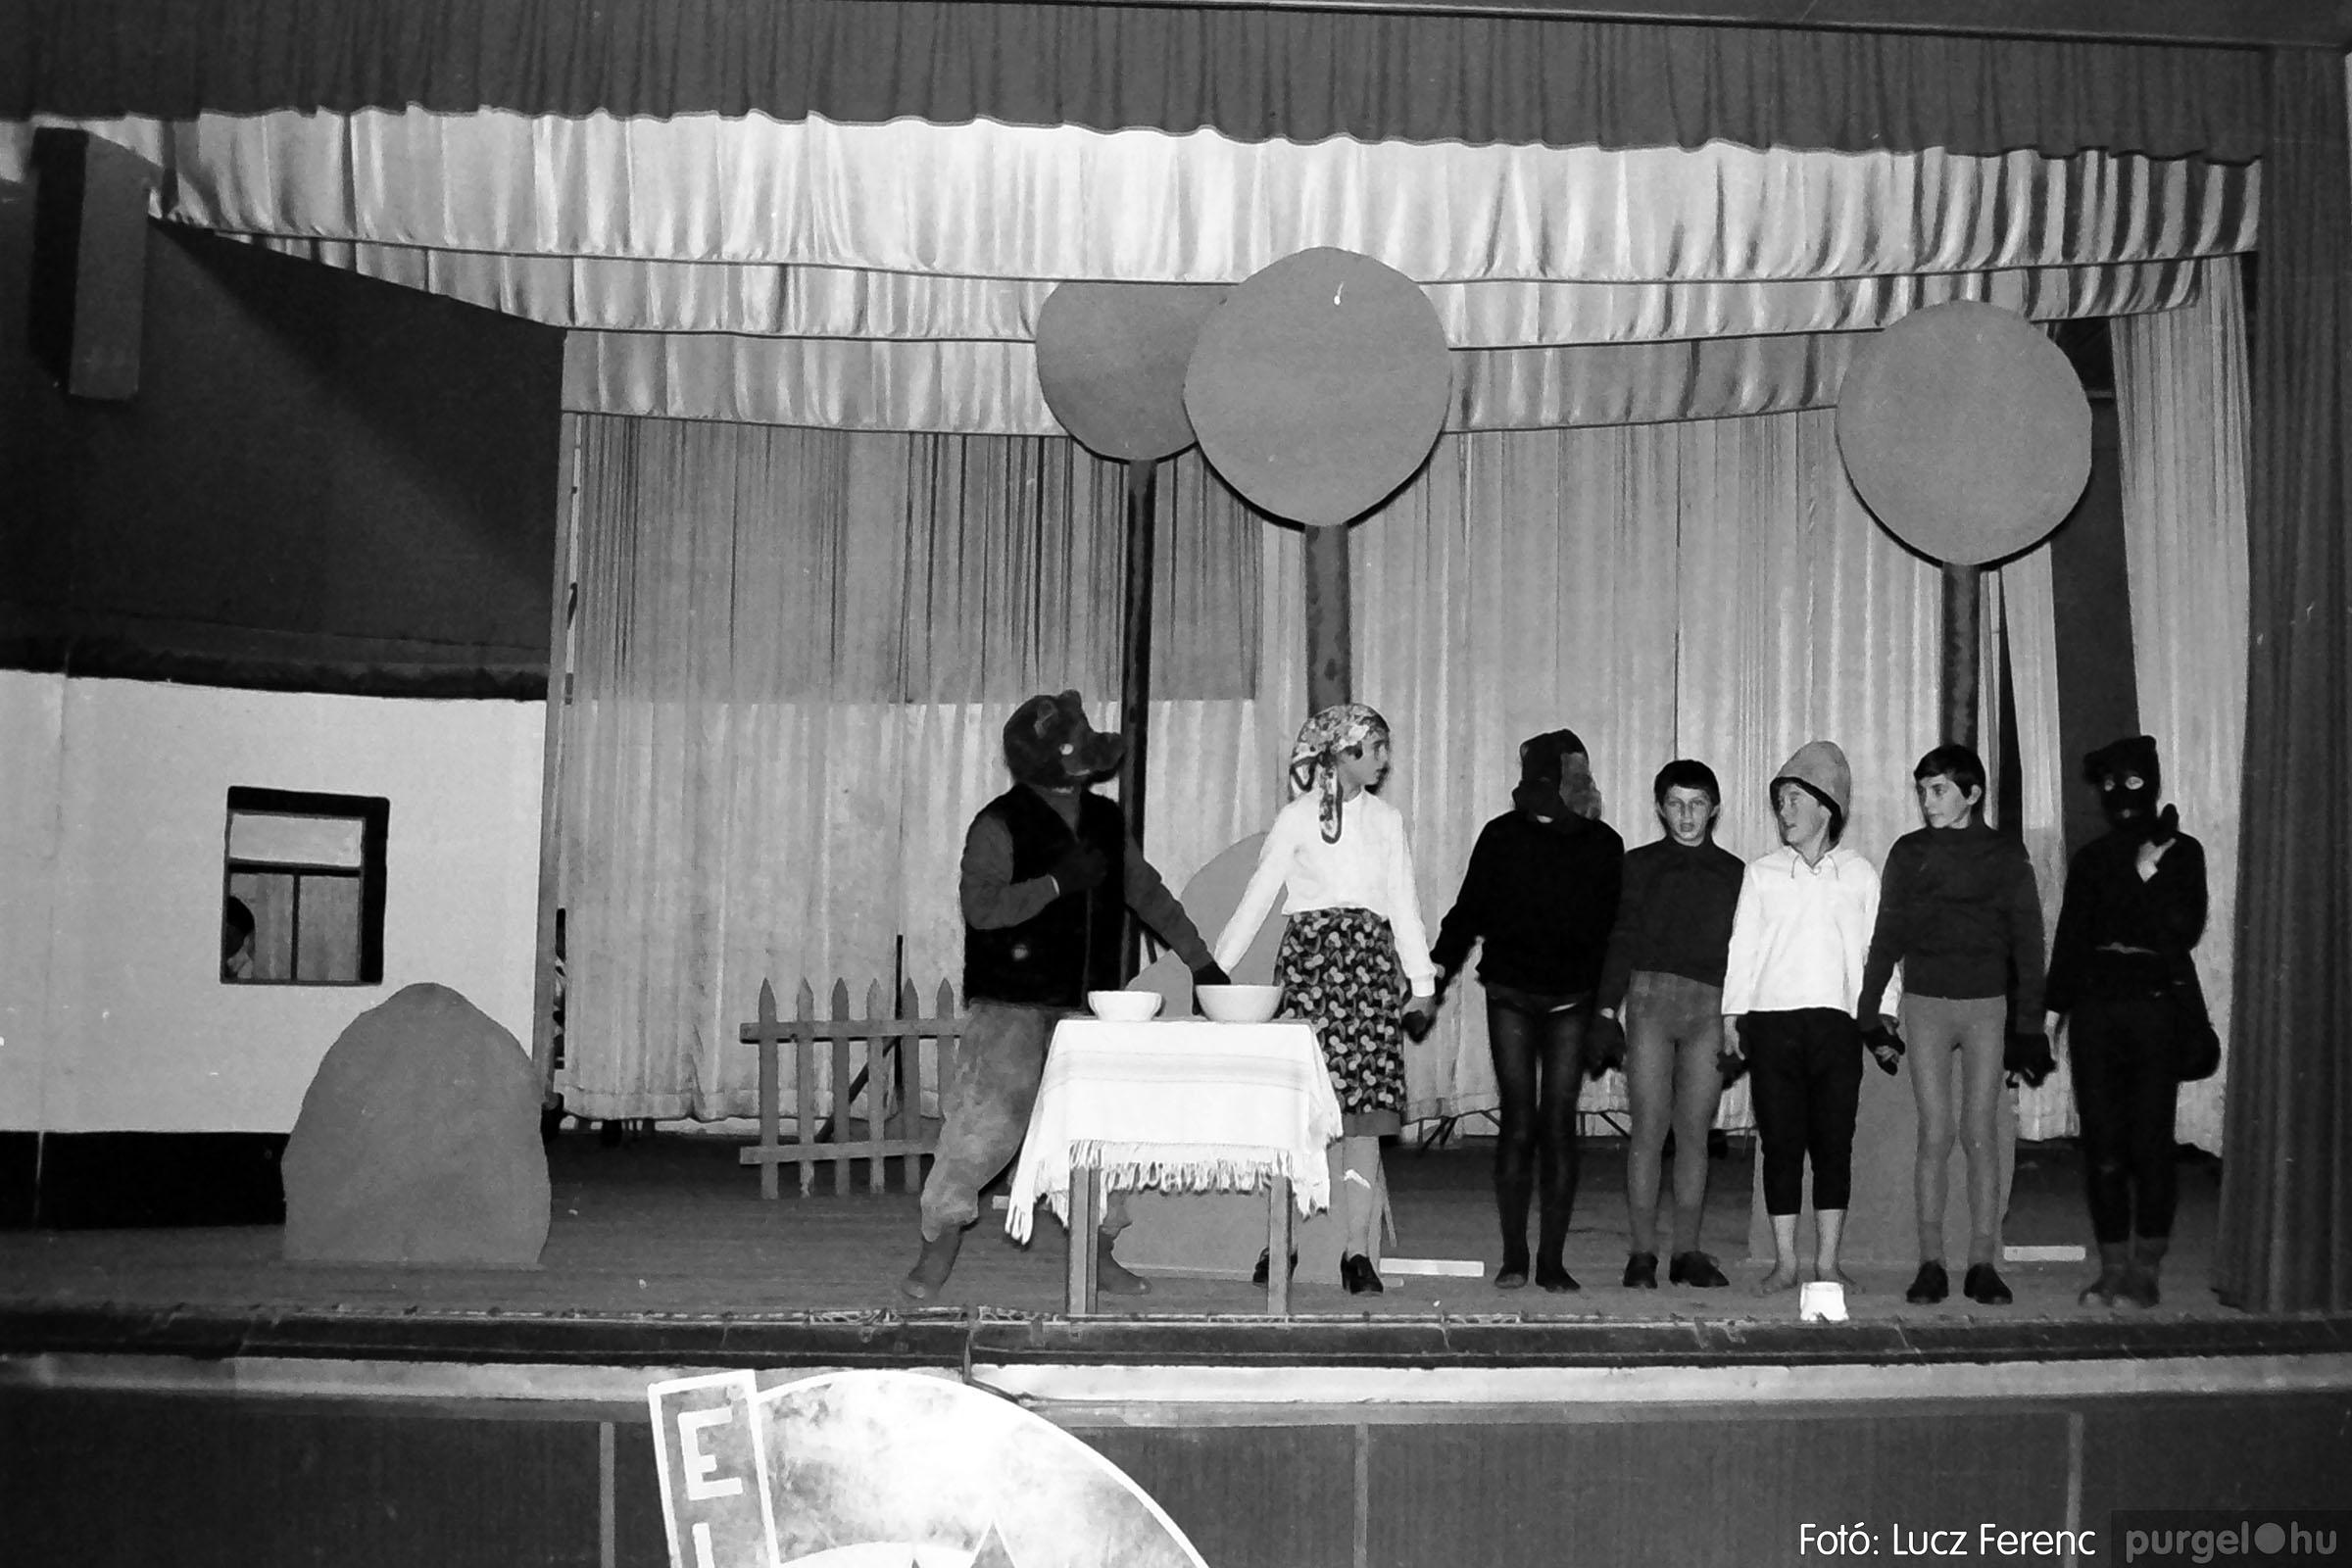 036-037. 1976. Diákprogram a kultúrházban 015 - Fotó: Lucz Ferenc.jpg